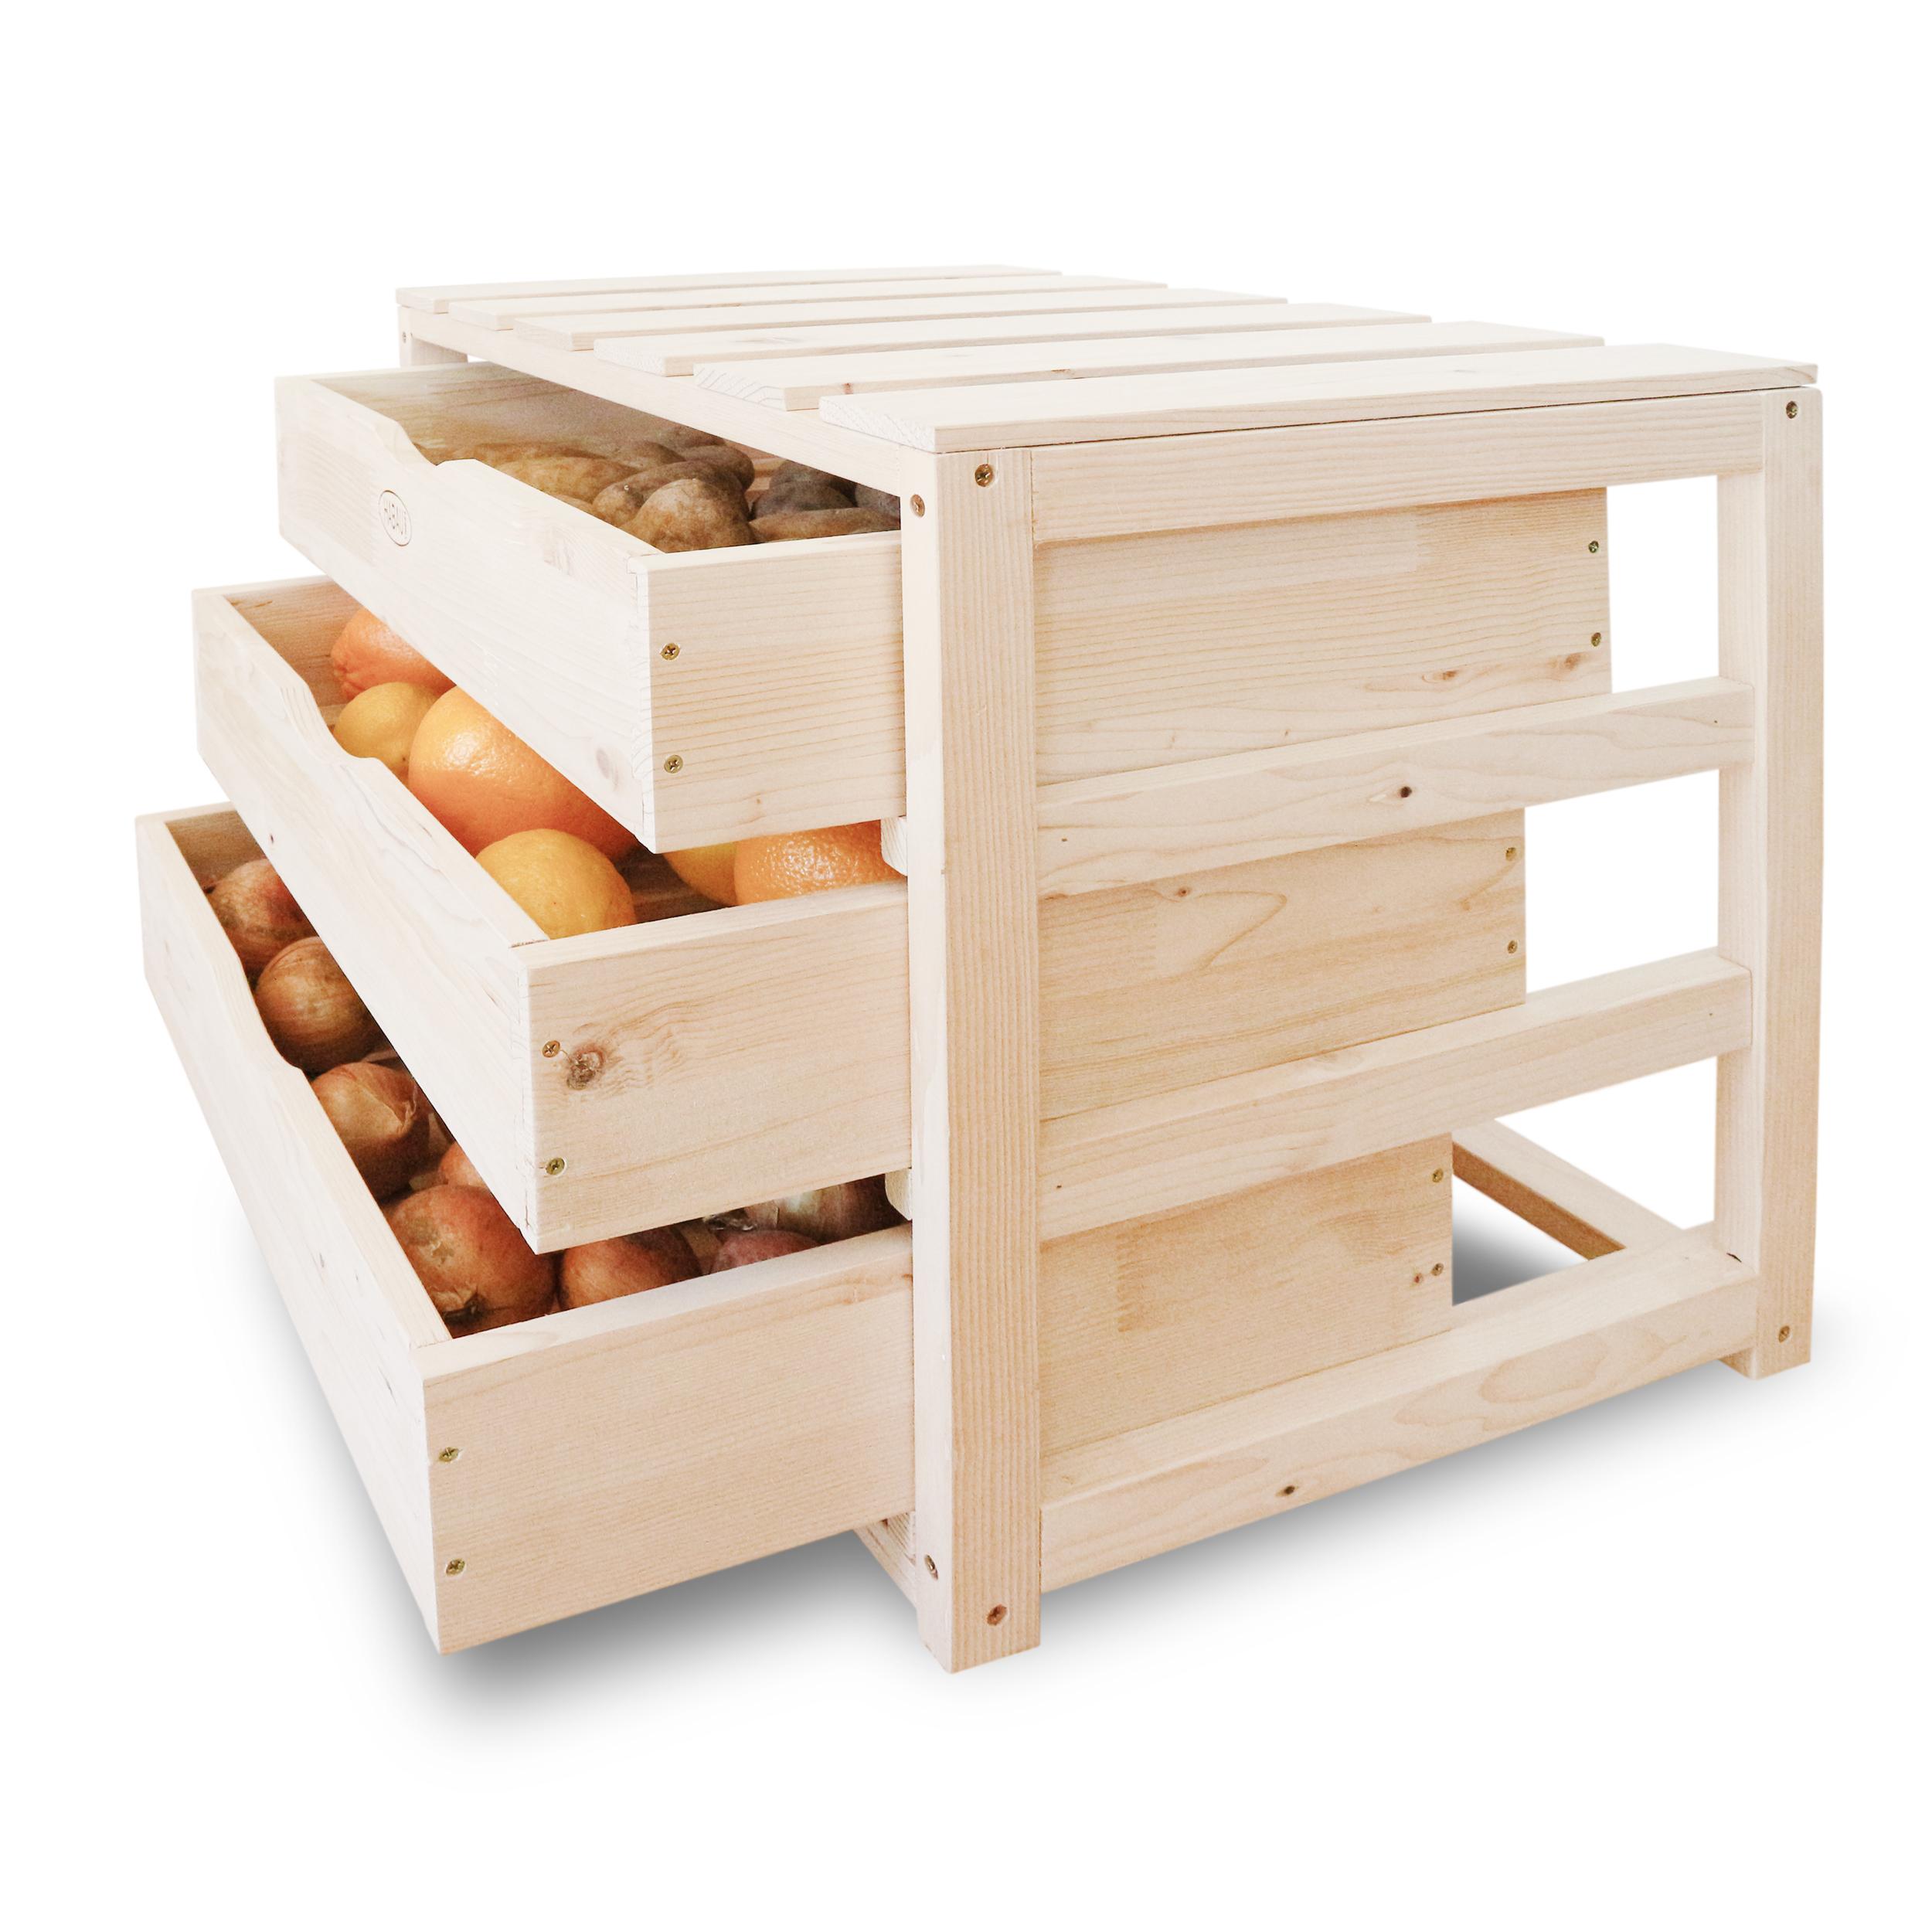 HABAU Holzkiste mit Schubladen, Anwendungsbeispiel mit gelagertem Gemüse